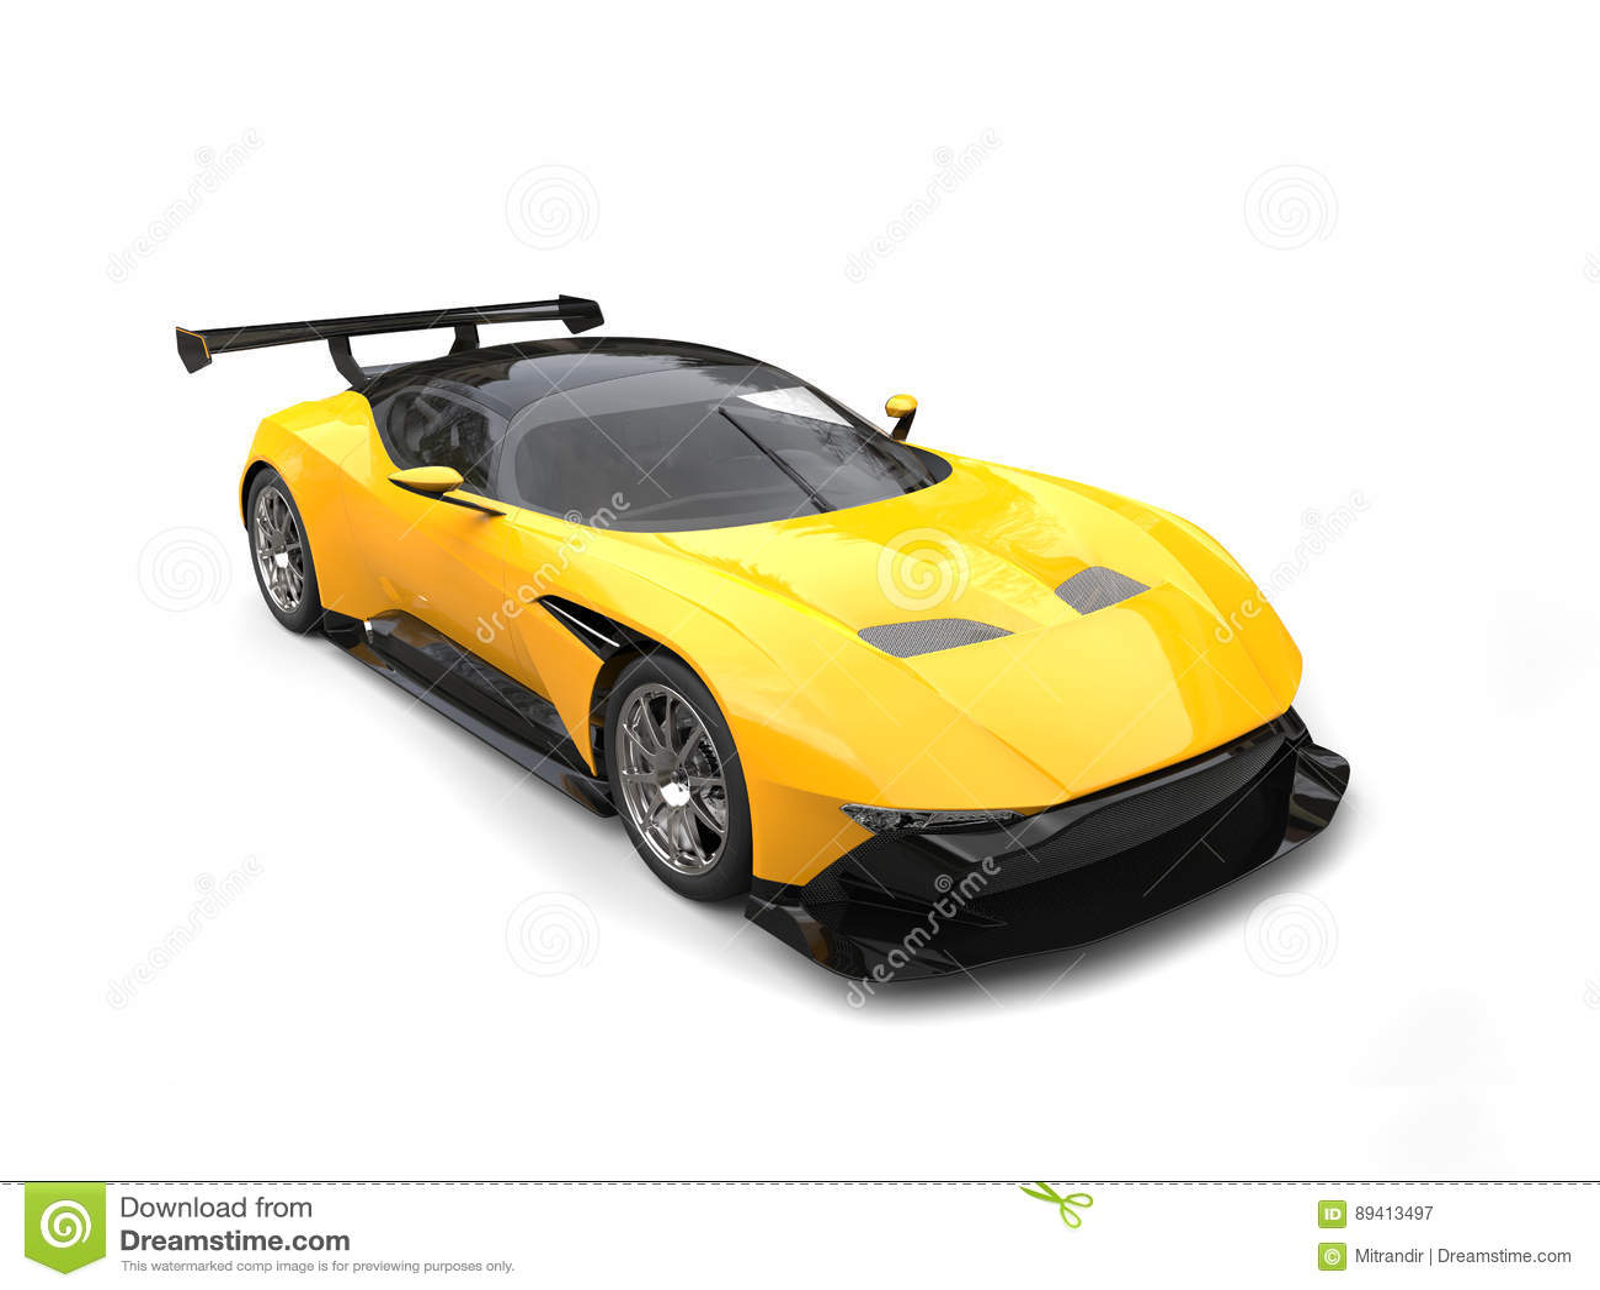 Carro super impressionante amarelo preto e brilhante